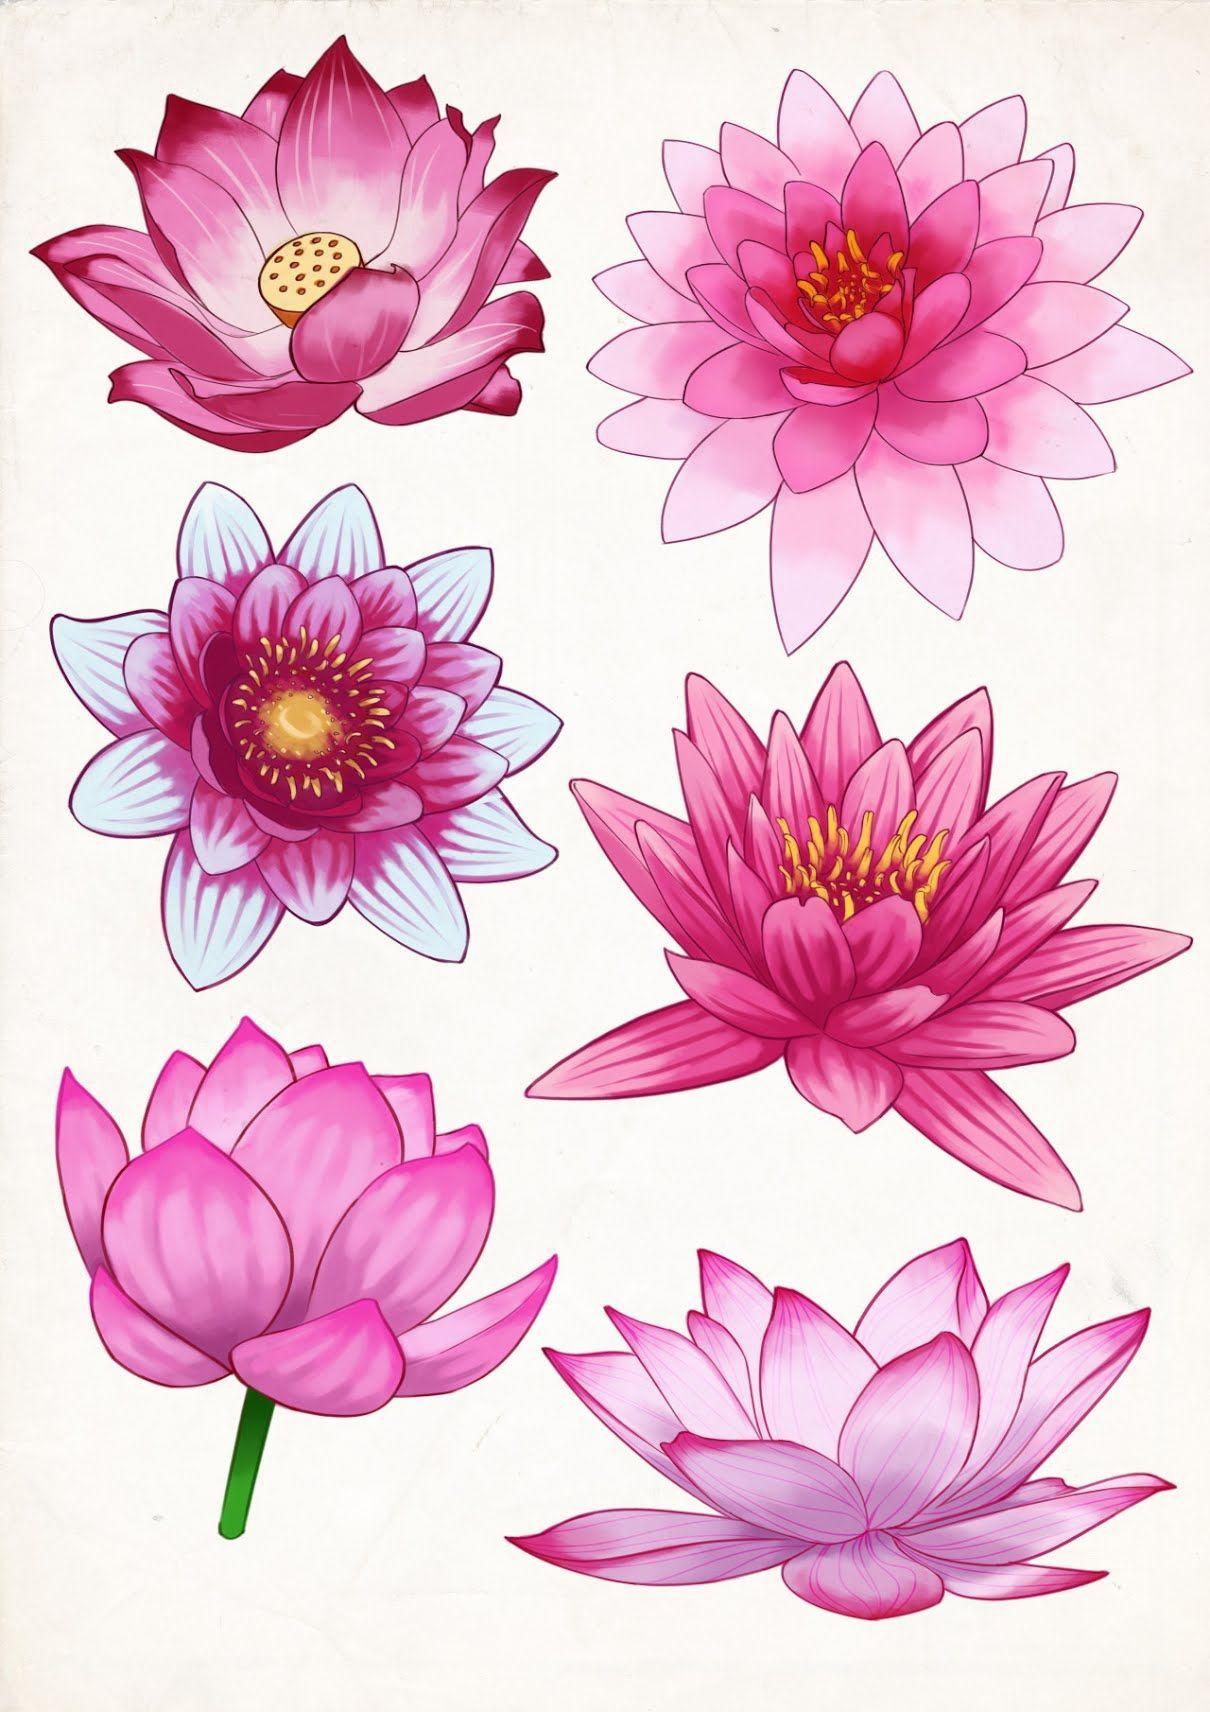 Artwork — Some pink Lotus flower studies